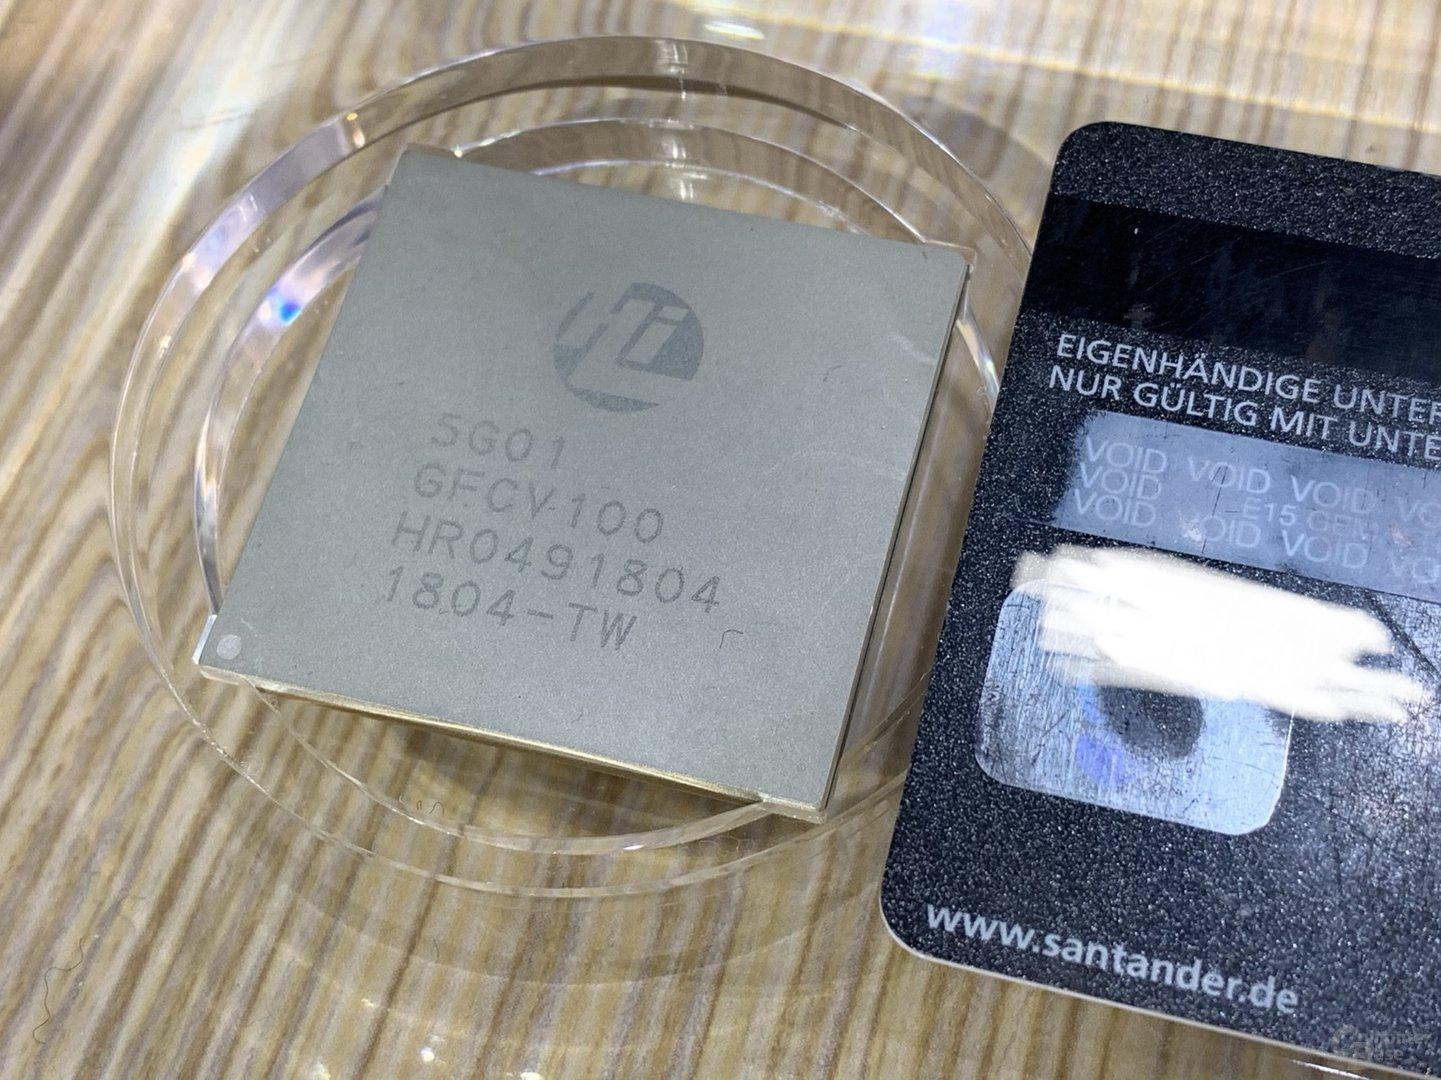 HiSilicon Balong 5G01 im Größenvergleich mit Kreditkarte